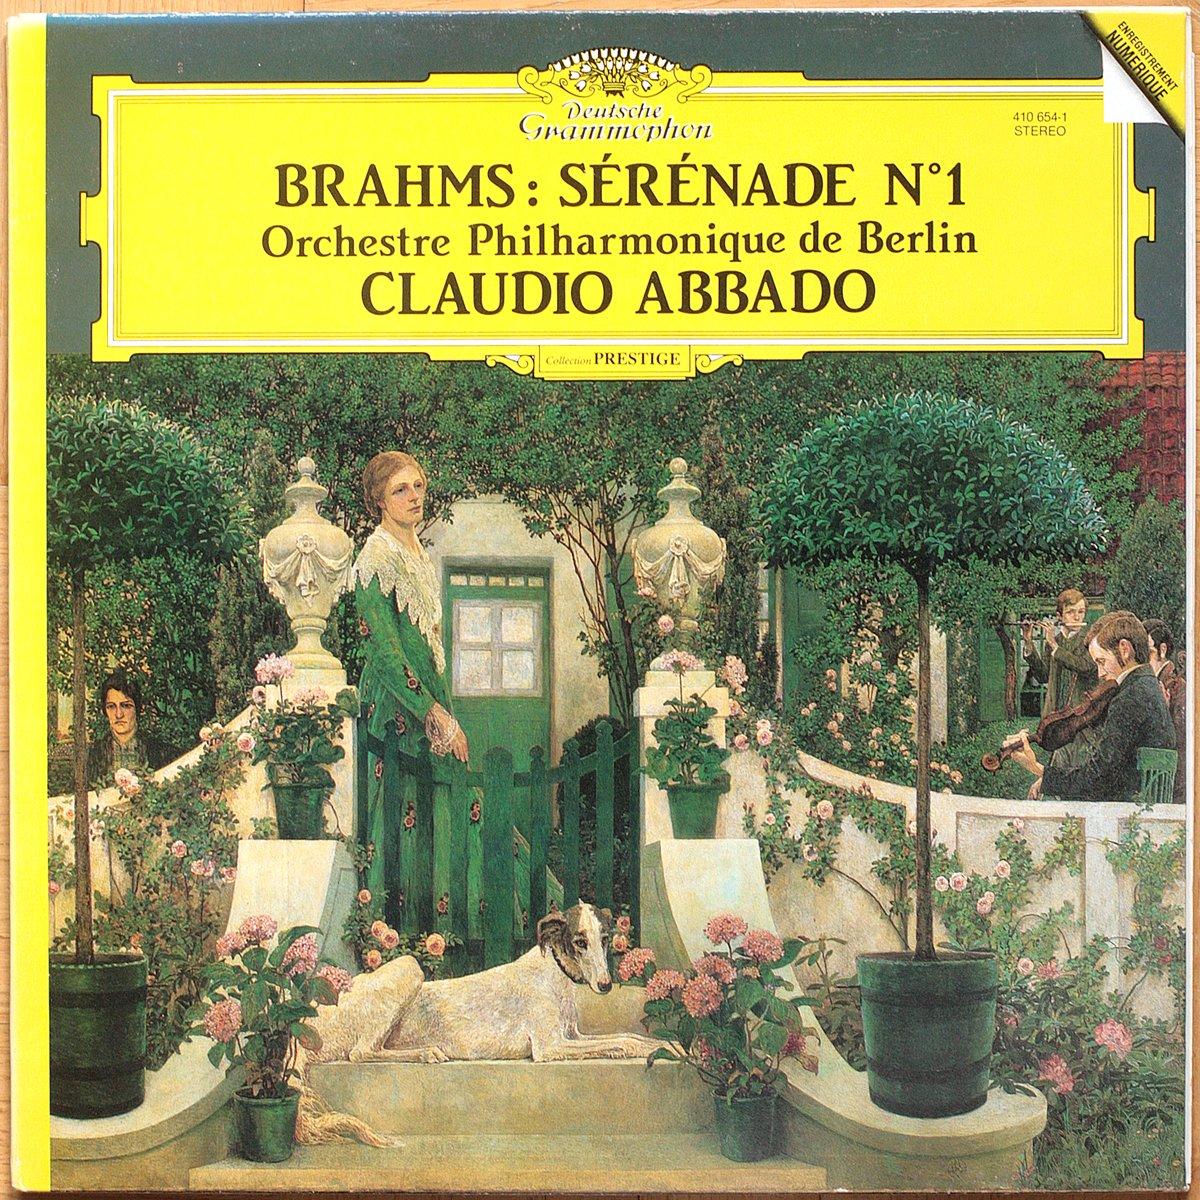 DGG 410 654 Brahms Serenade 1 Abbado DGG Digital Aufnahme